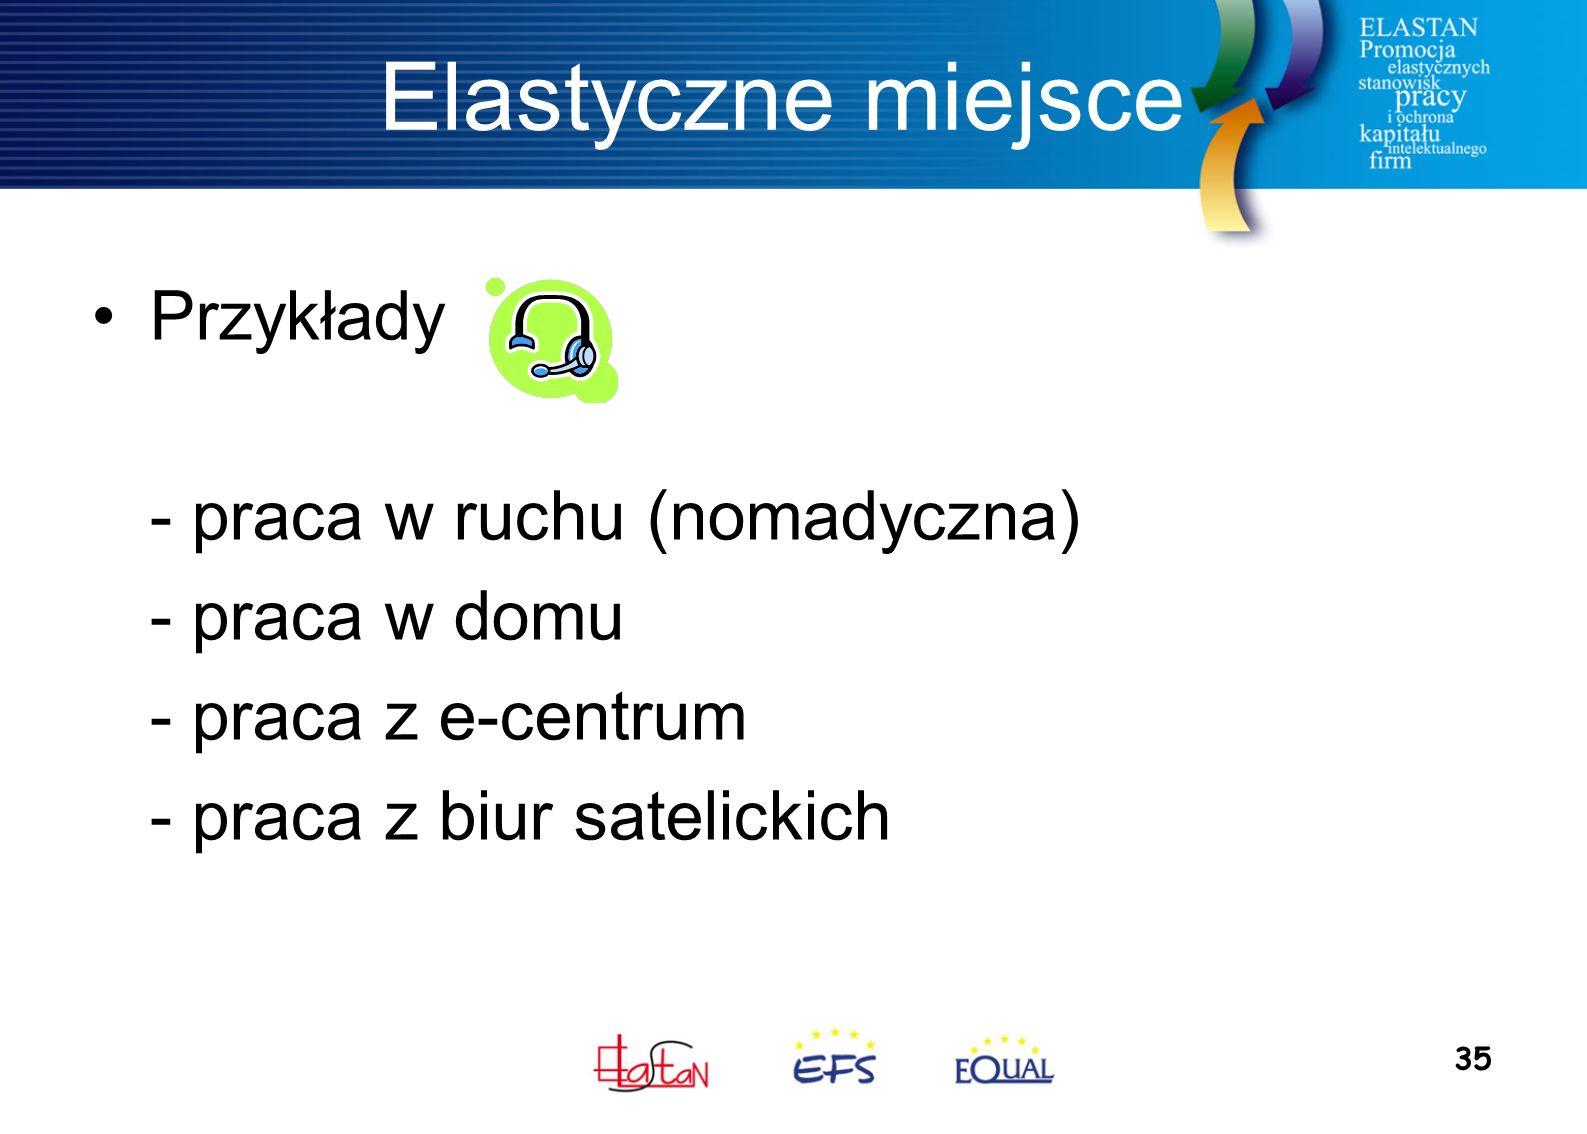 35 Elastyczne miejsce Przykłady - praca w ruchu (nomadyczna) - praca w domu - praca z e-centrum - praca z biur satelickich